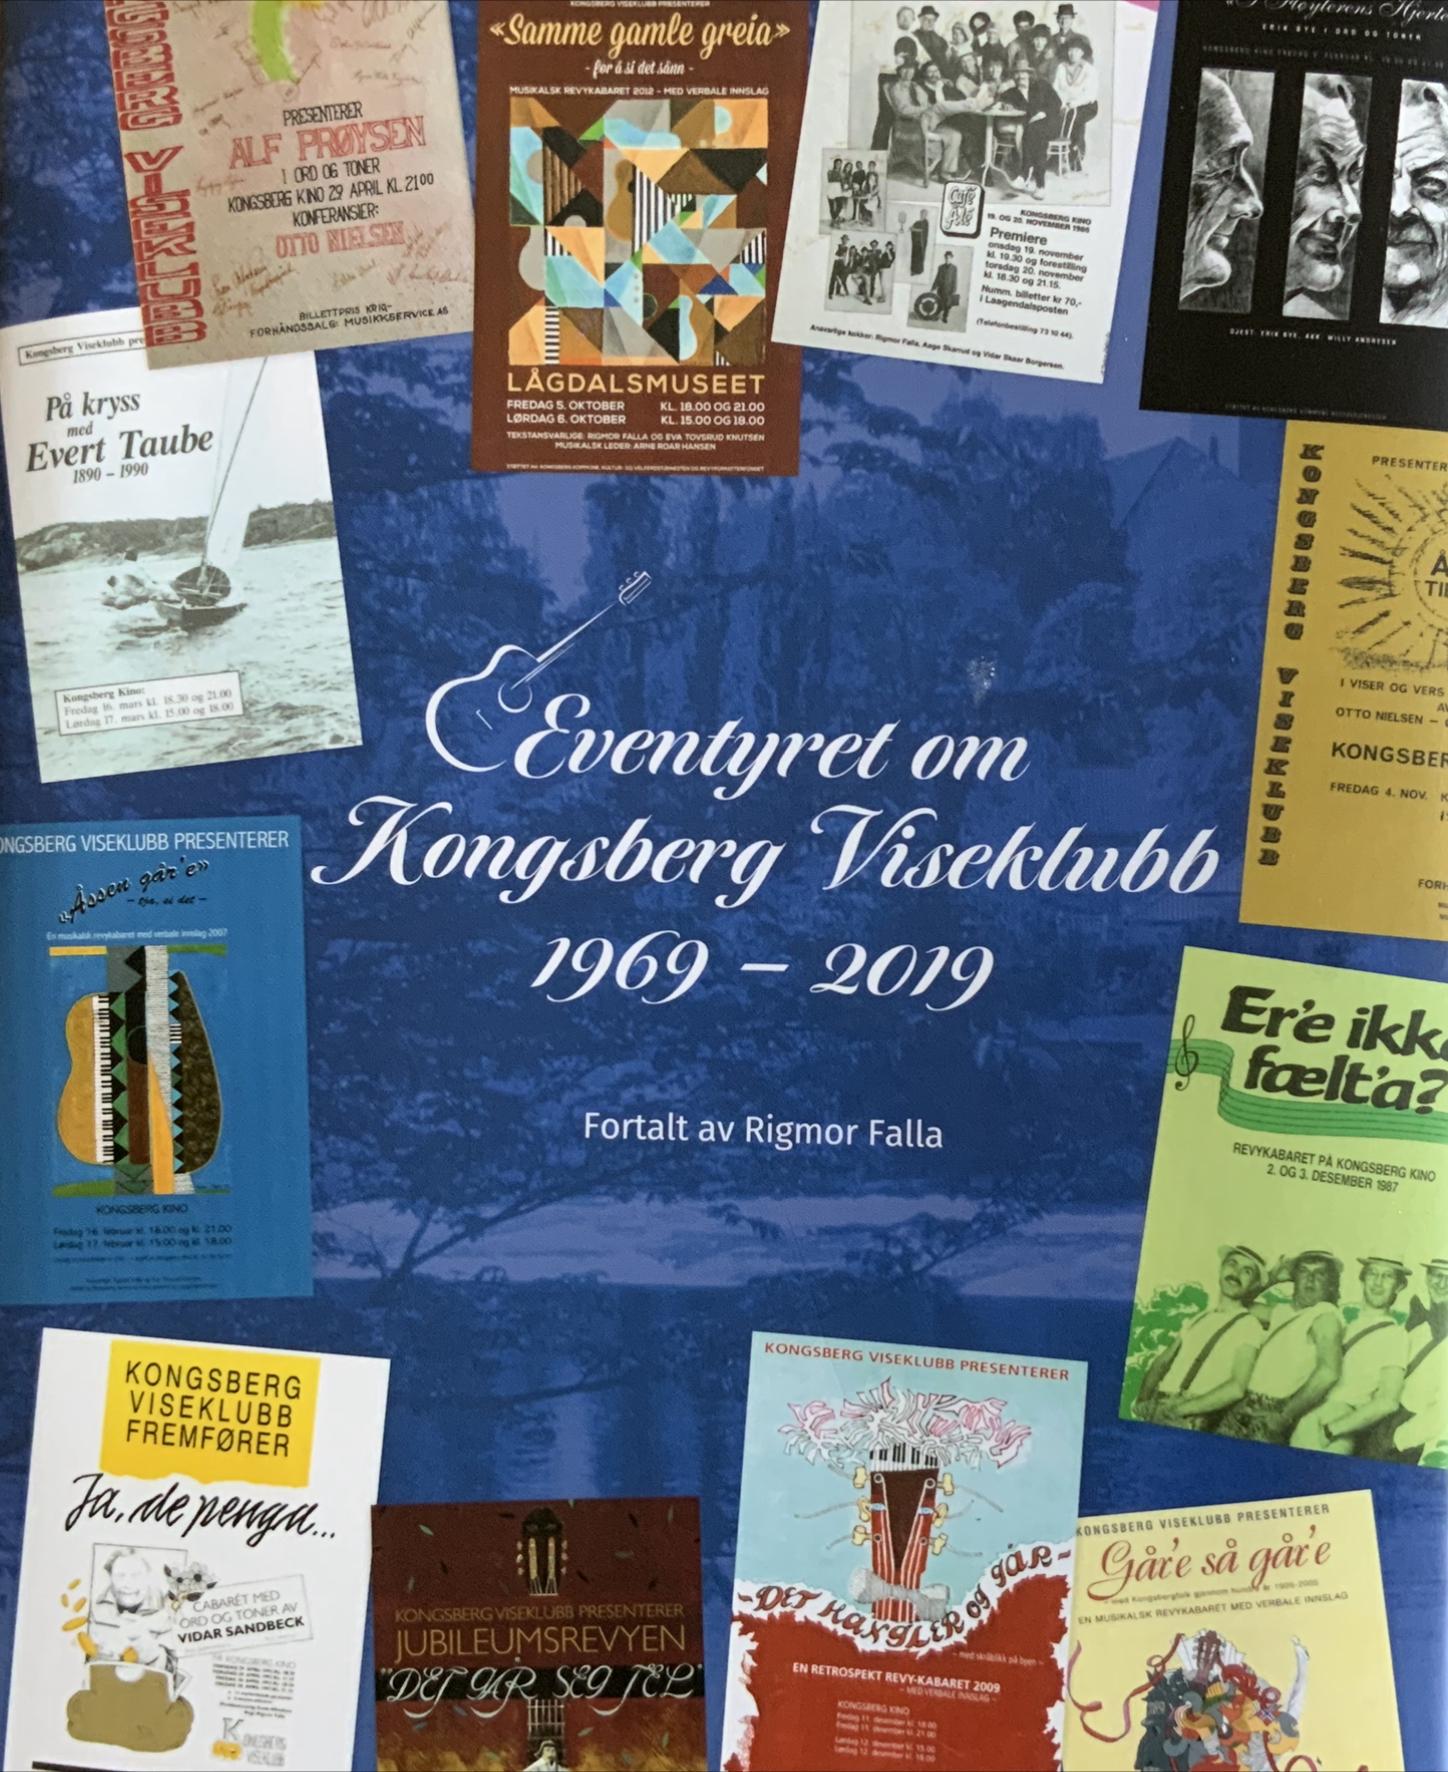 """""""Eventyret om Kongsberg Viseklubb 1969 - 2019"""" av Rigmor Falla"""